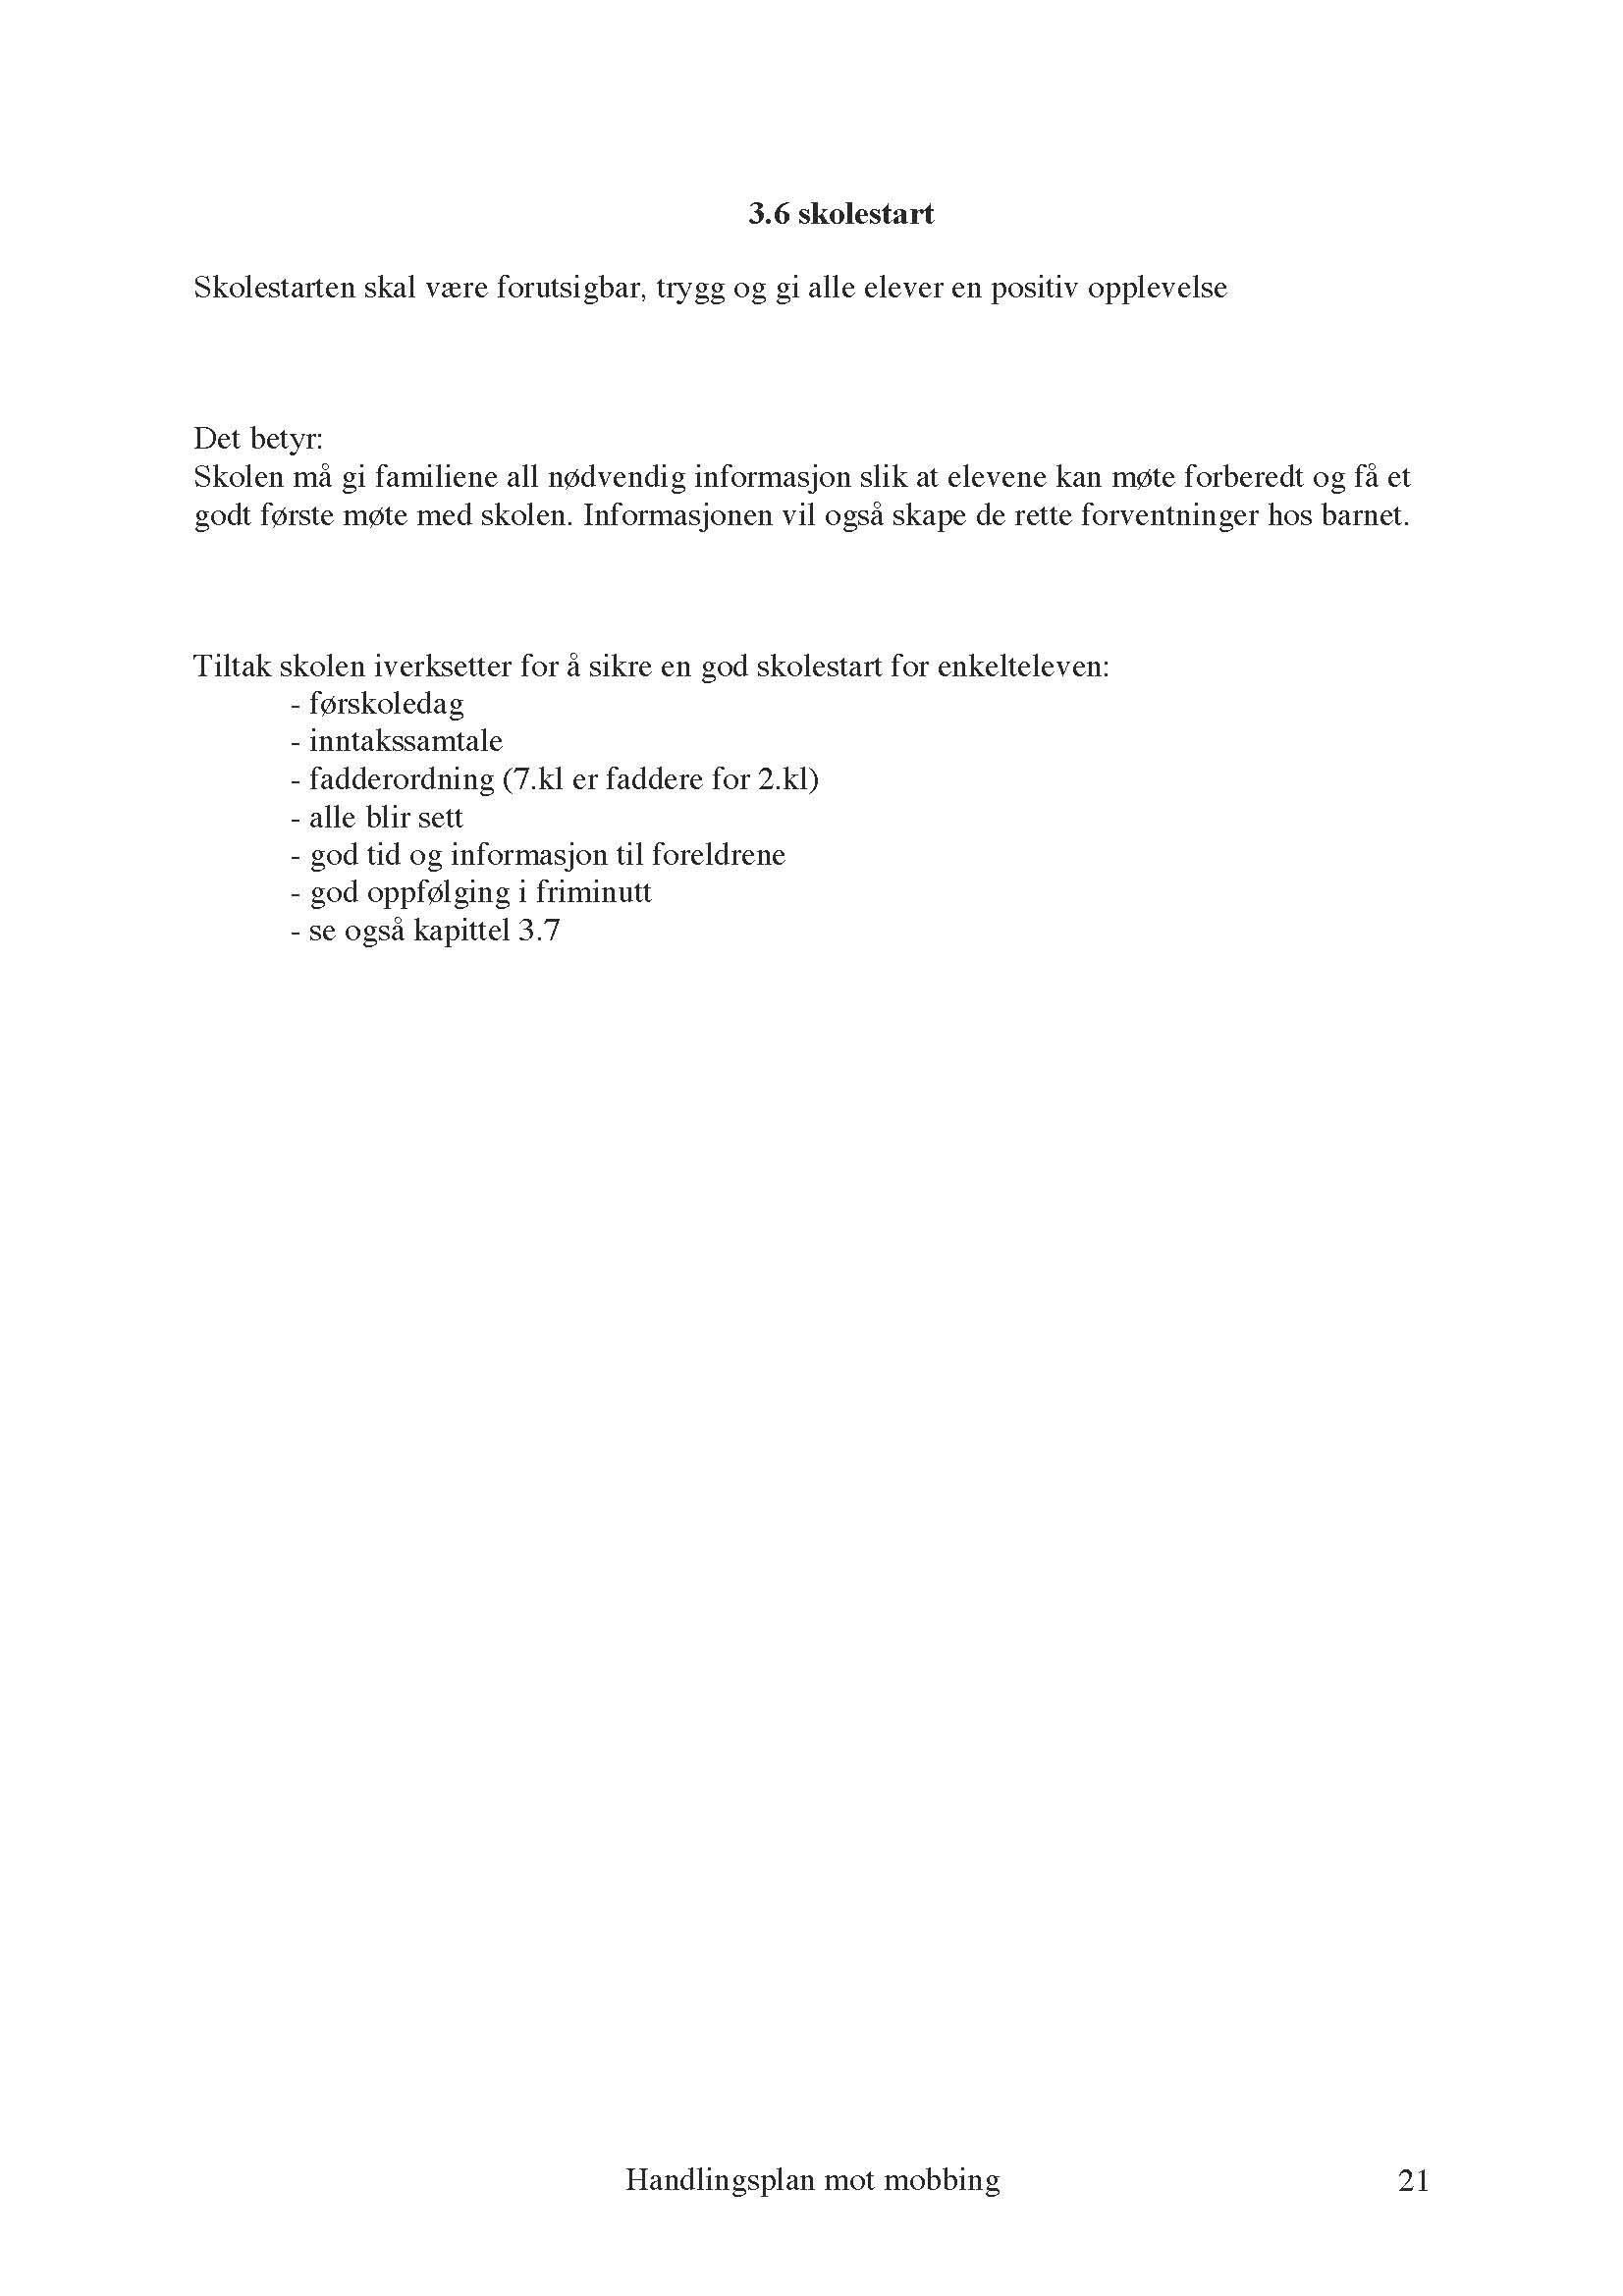 Handlingsplan mot mobbing _Page_21.jpg